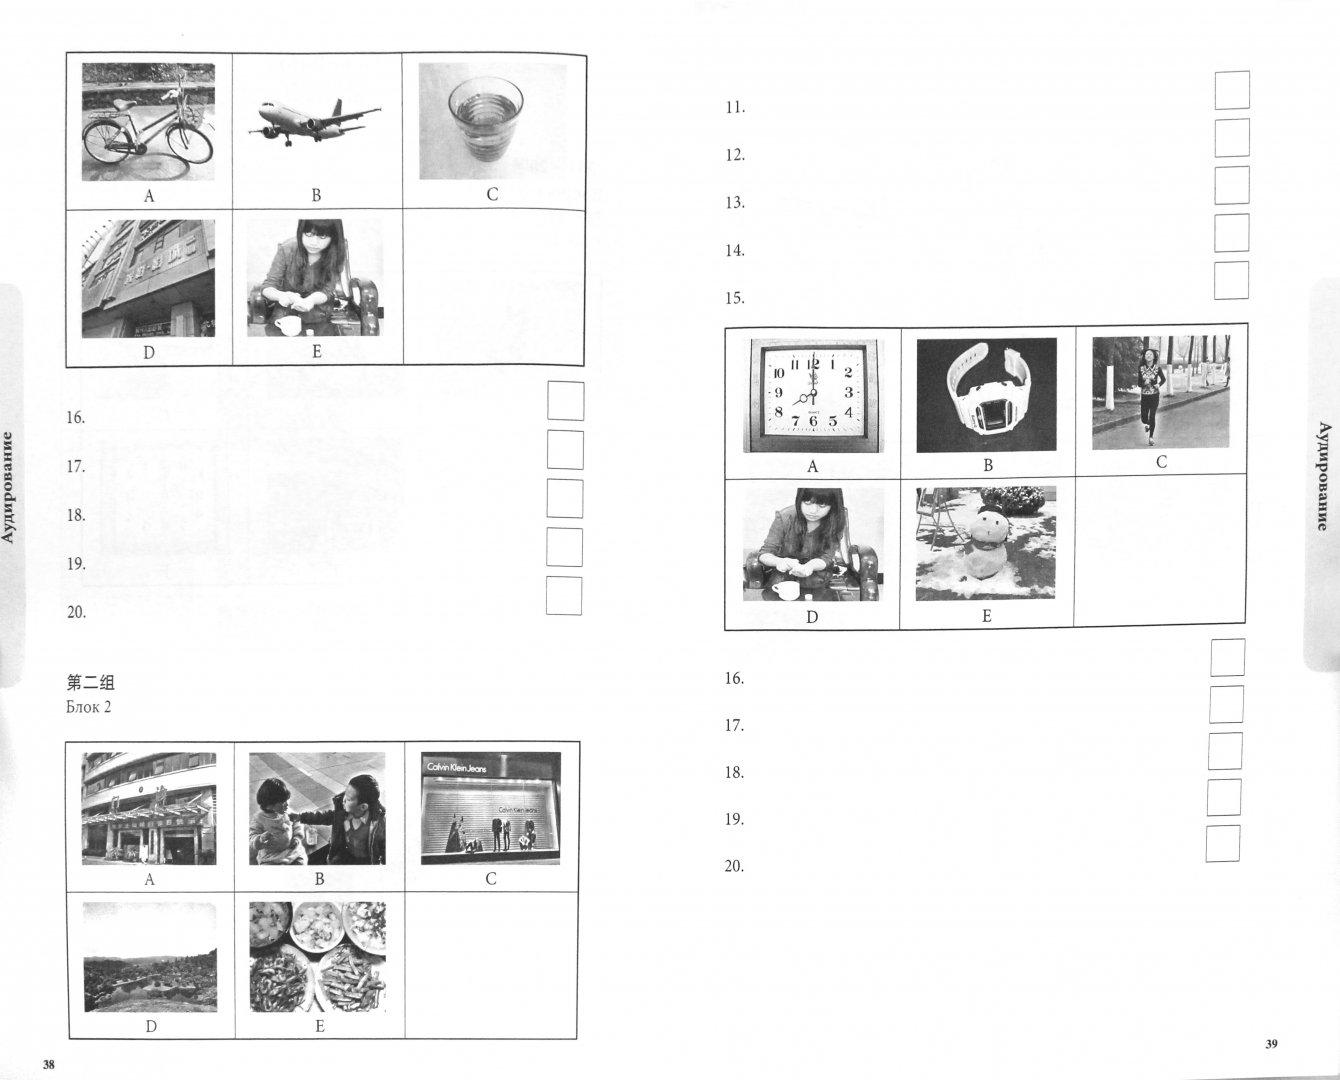 Иллюстрация 1 из 3 для Новый экзамен на уровень владения китайским языком HSK. Учебное пособие (второй уровень) - Вэнь, Чуньинь | Лабиринт - книги. Источник: Лабиринт